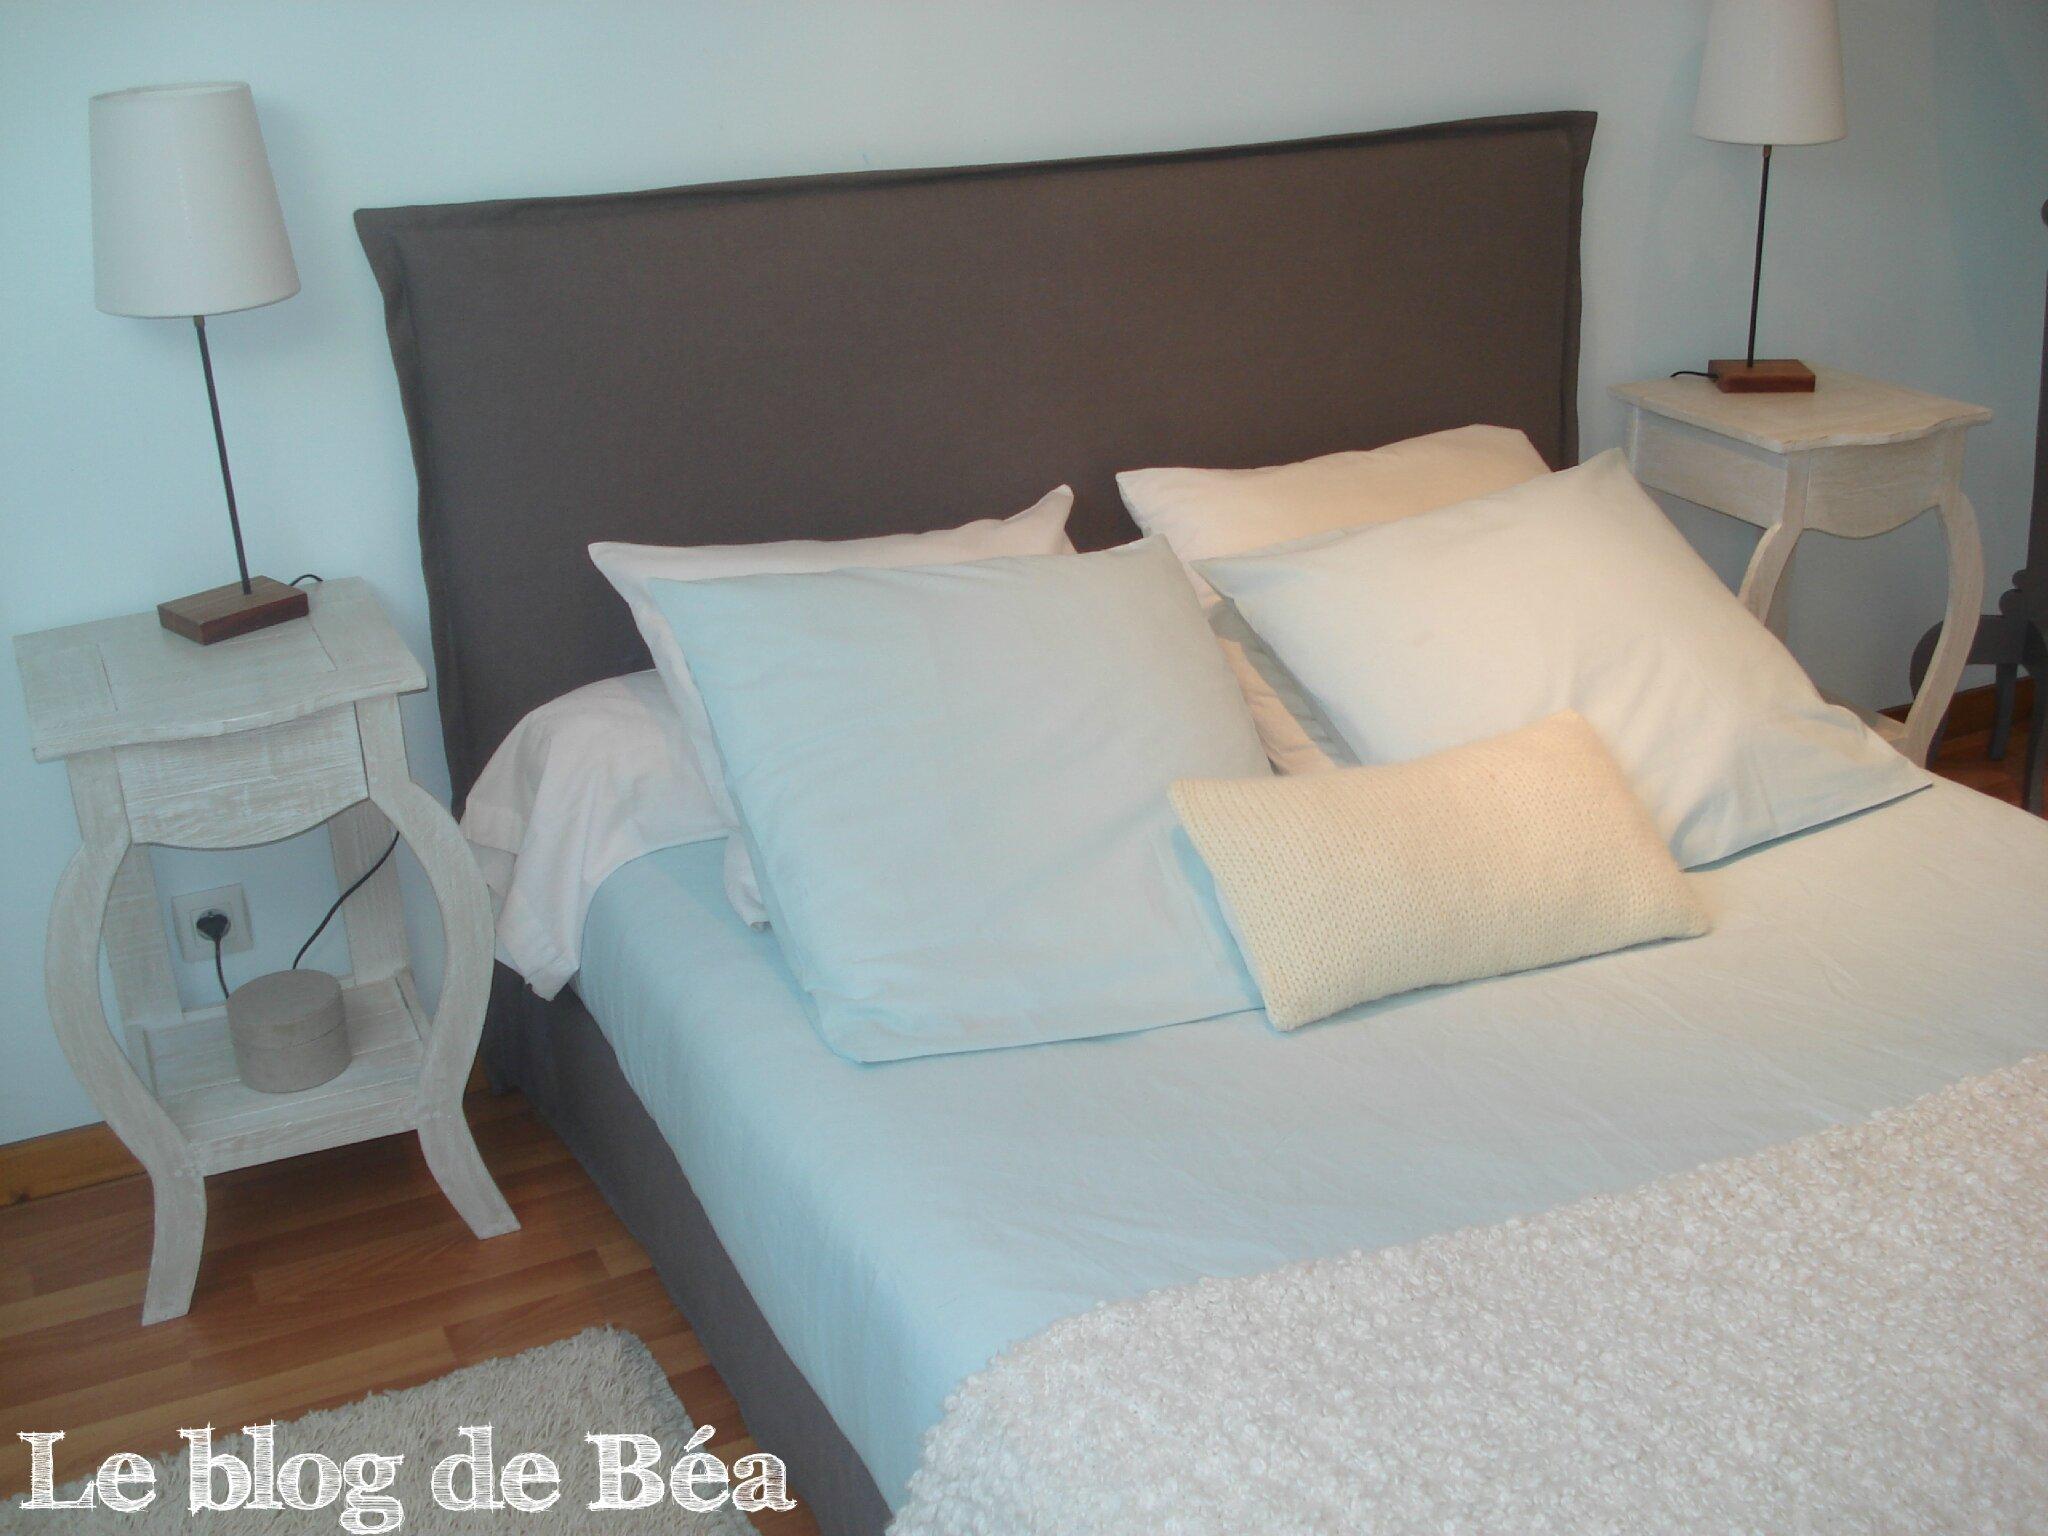 housse pour ma tte de lit et cache sommier - Fabriquer Une Tete De Lit